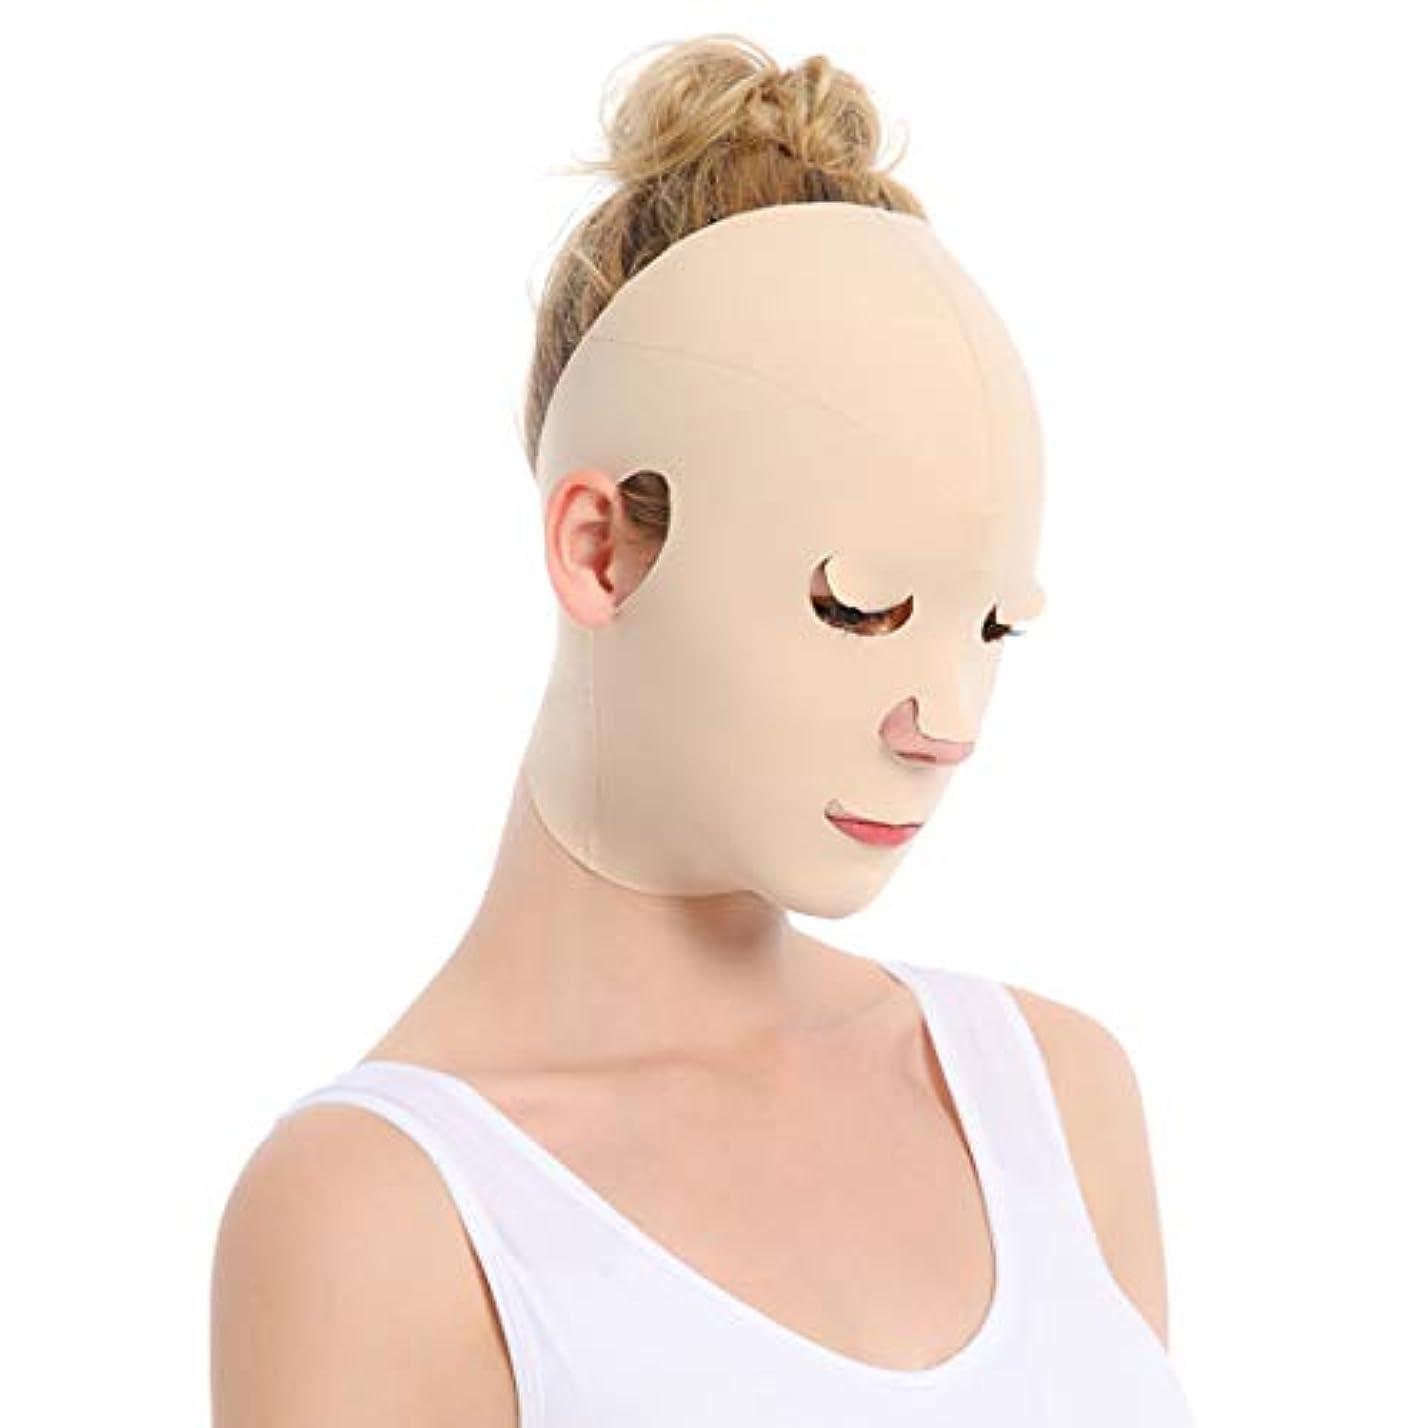 チューブ焦げ遺棄された小顔ベルト フェイスベルト矯正 Vライン 美顏 顎サポーター 顔痩せ フェイスサポータマスク 男女兼用